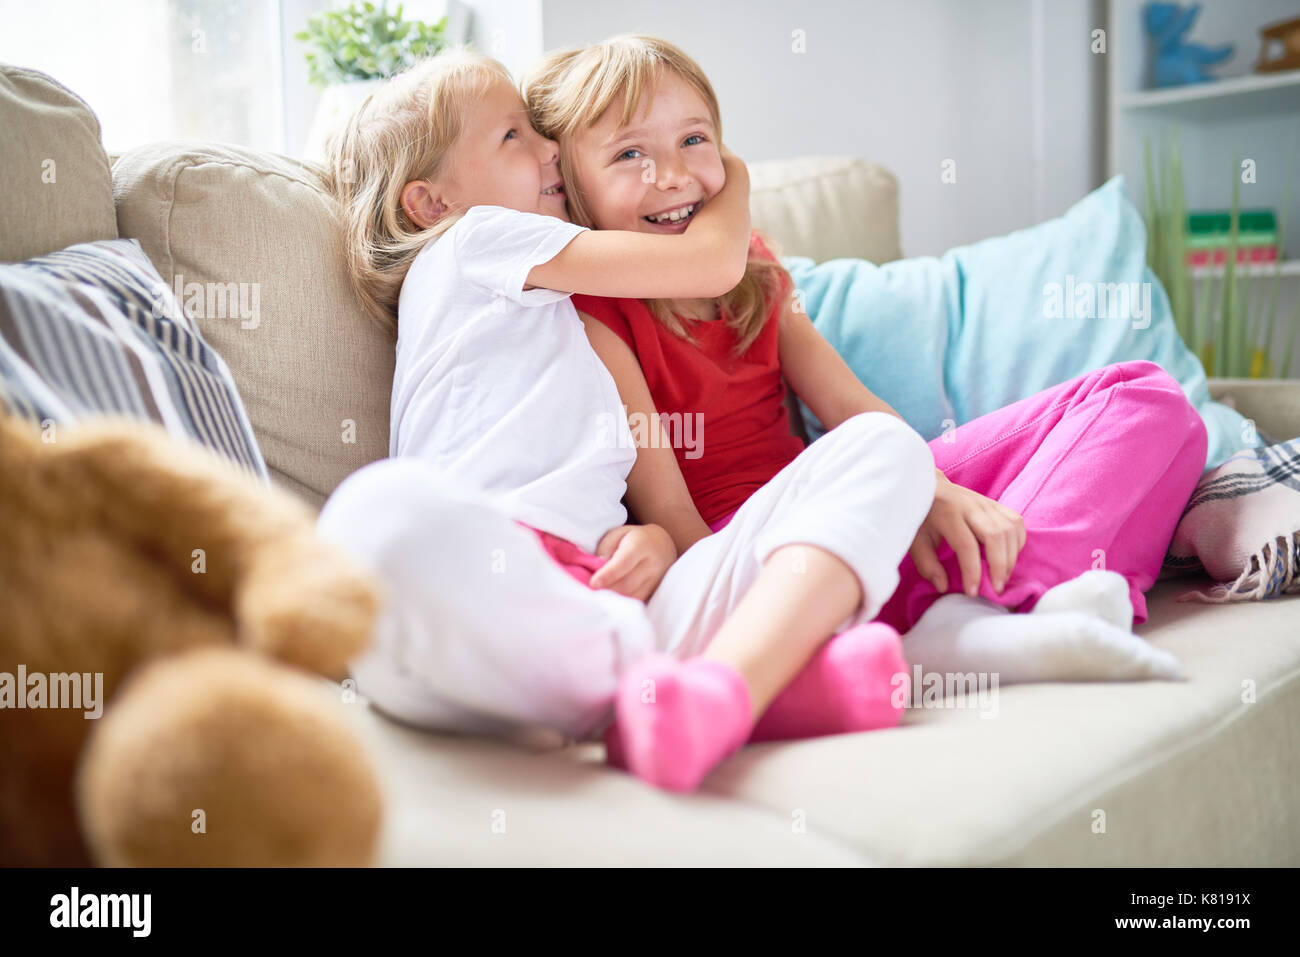 Carino biondo e condivisione ragazza segreto con il suo sorriso sorella maggiore spendendo fine settimana insieme a accogliente soggiorno Immagini Stock